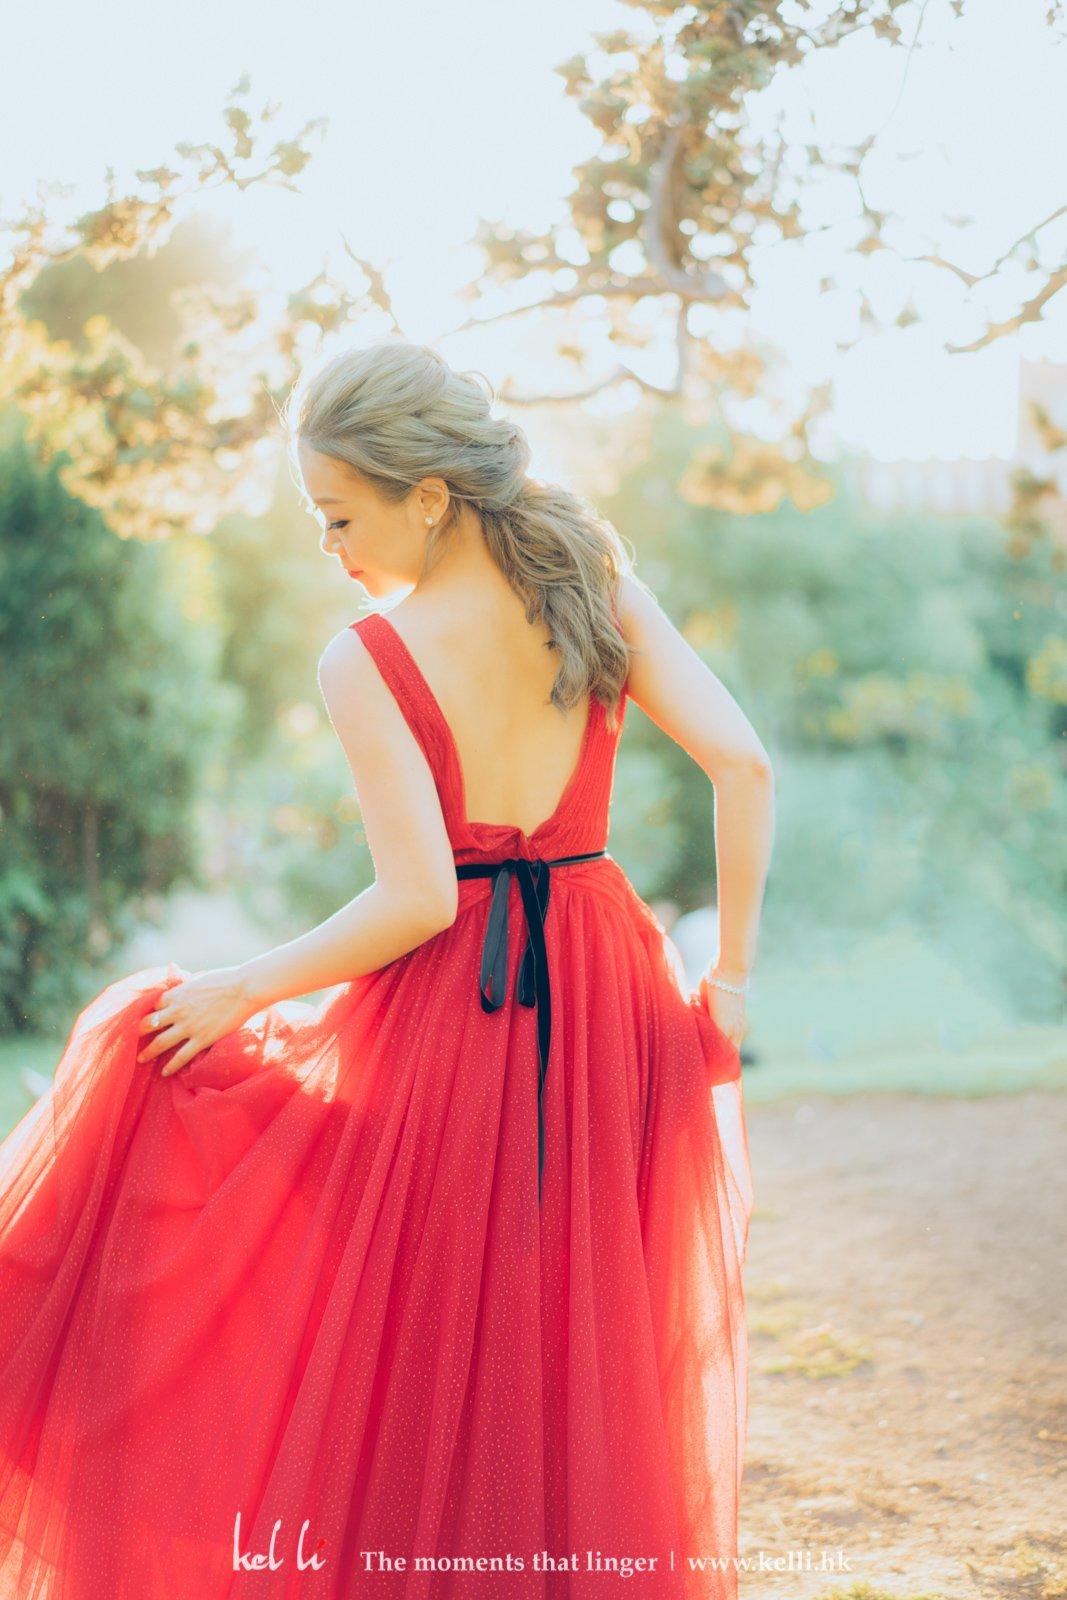 輕輕的牽動著紗,俏俏的走進心扉。